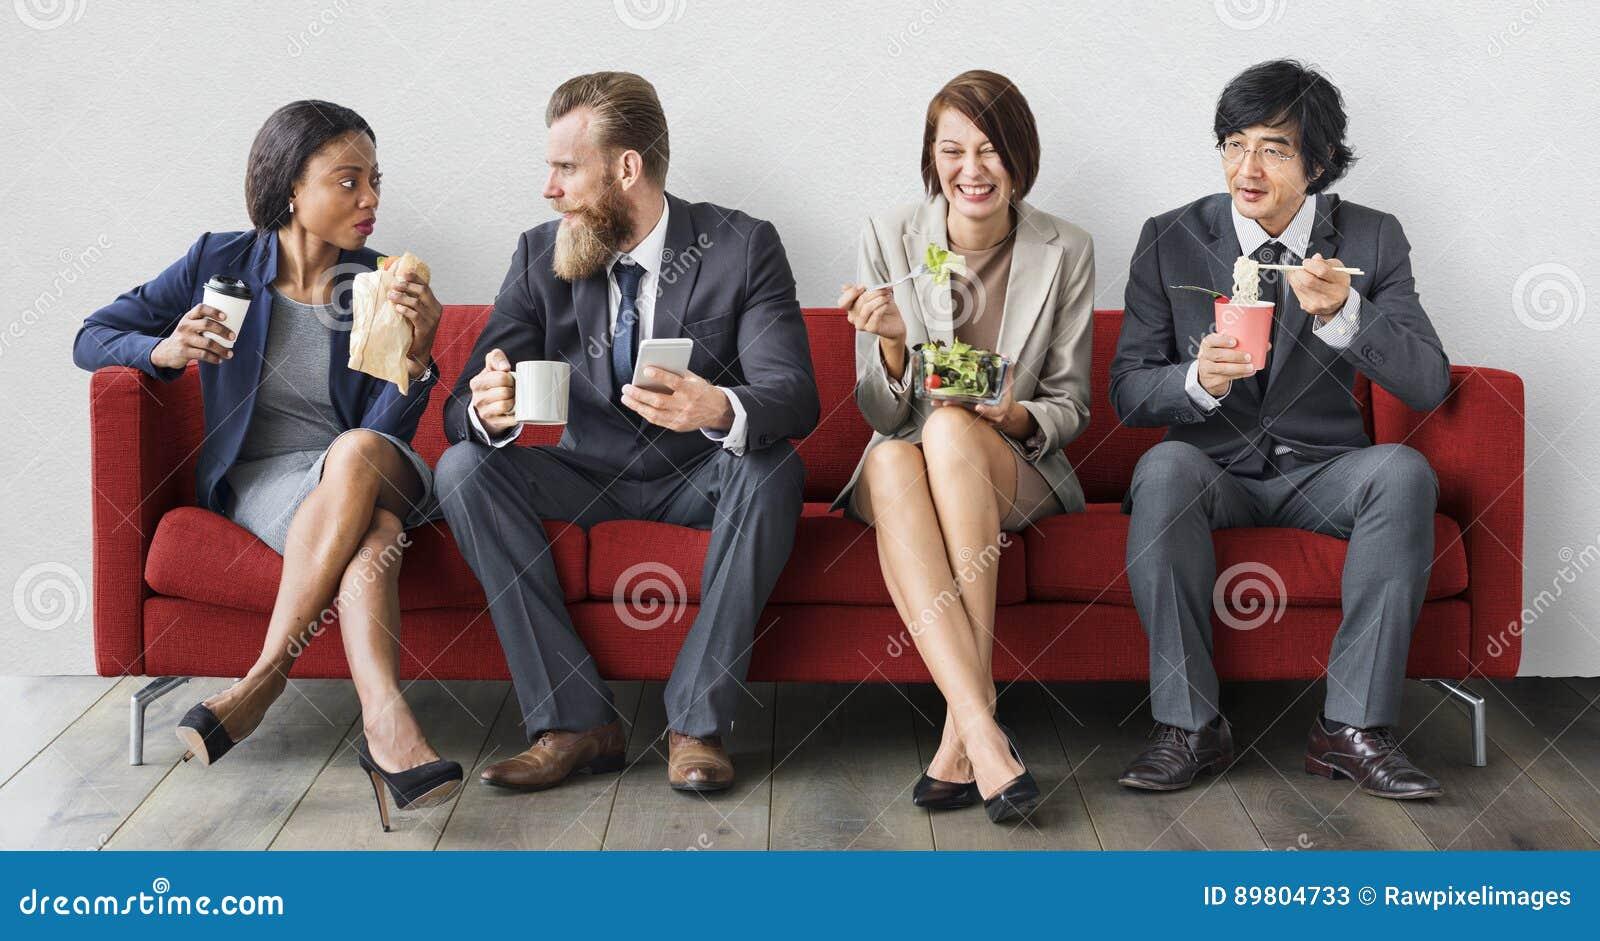 Concept het bedrijfs van Team Working Break Eating Lunch